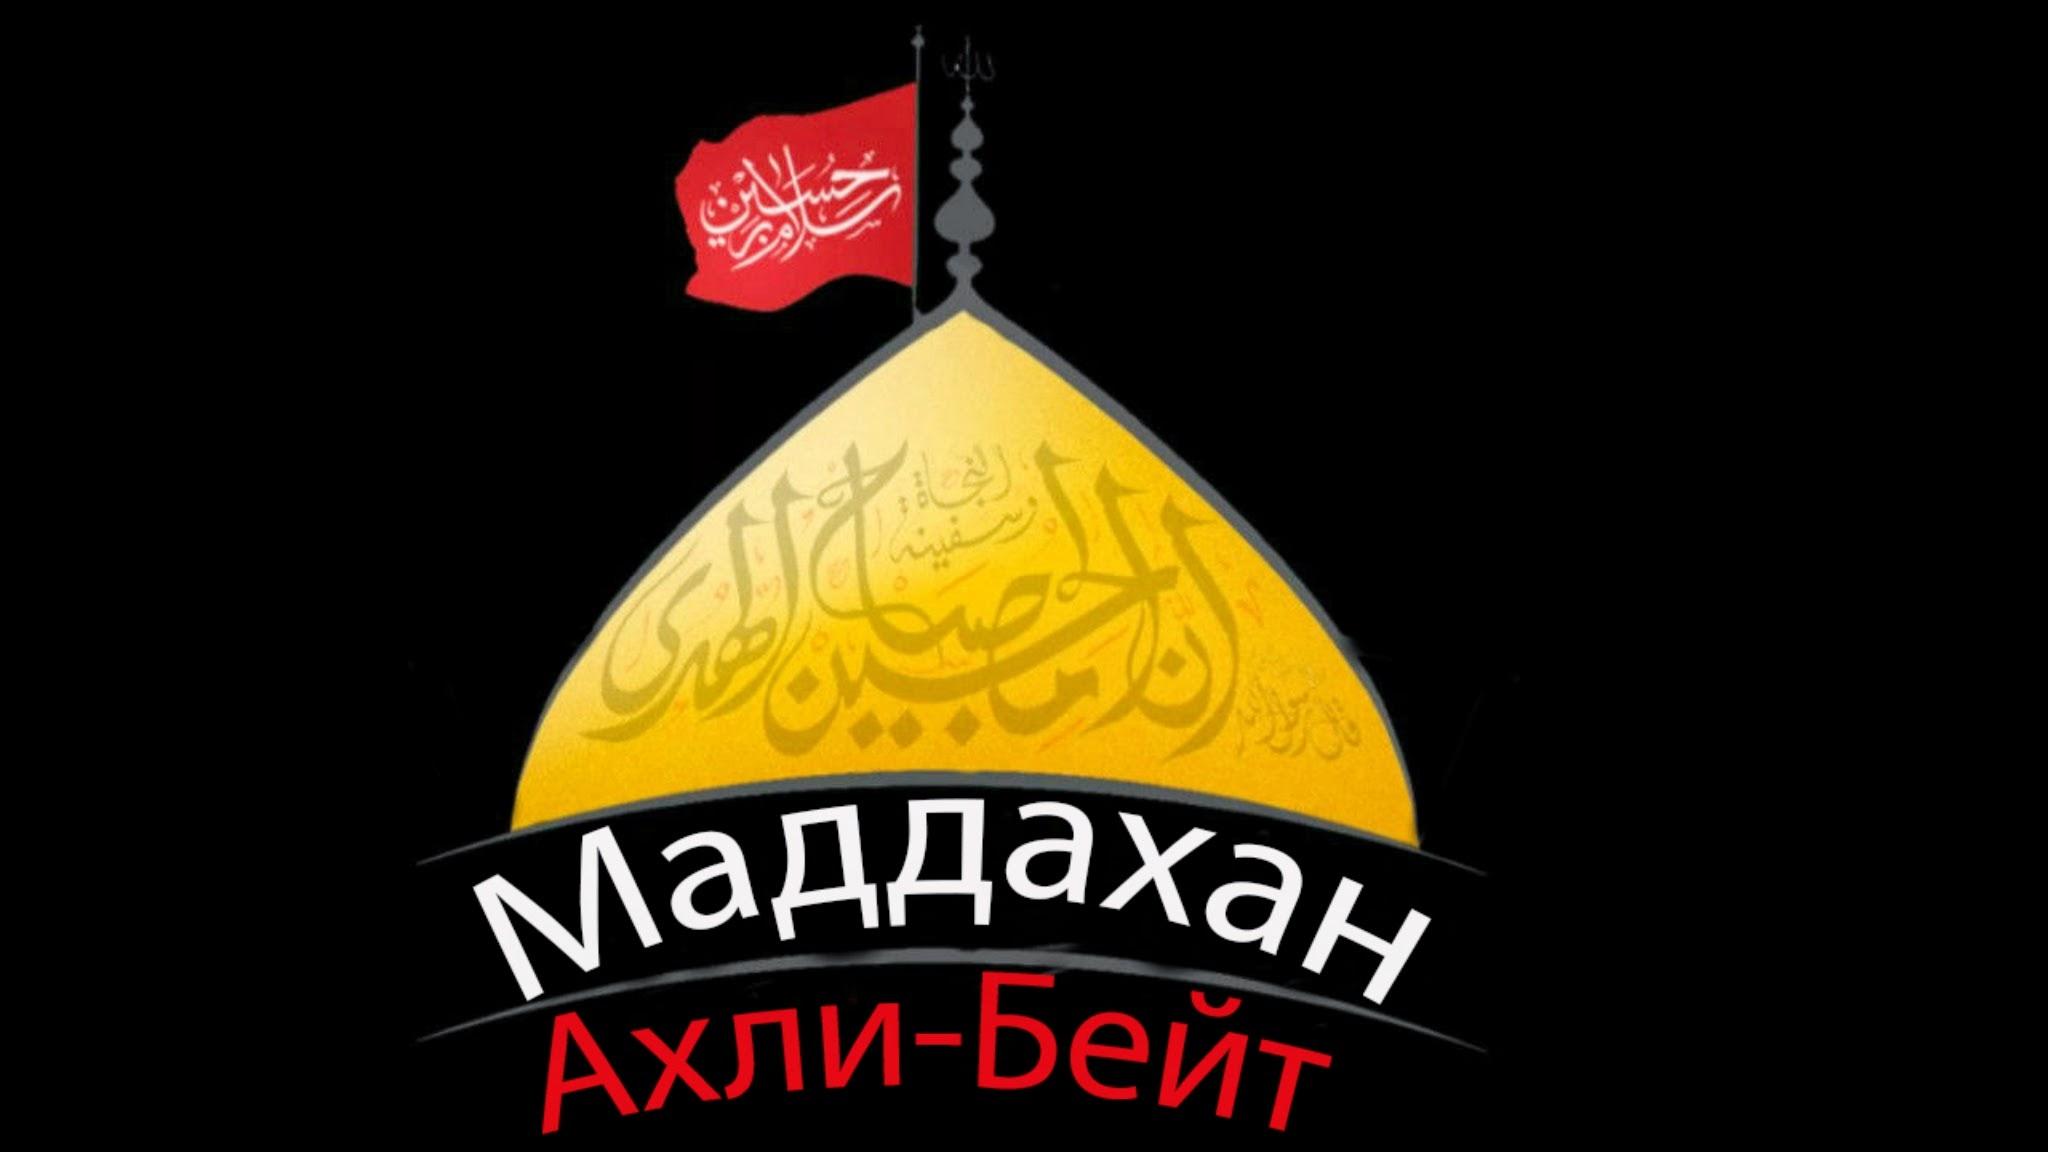 Maddaxan Axli-Beyt